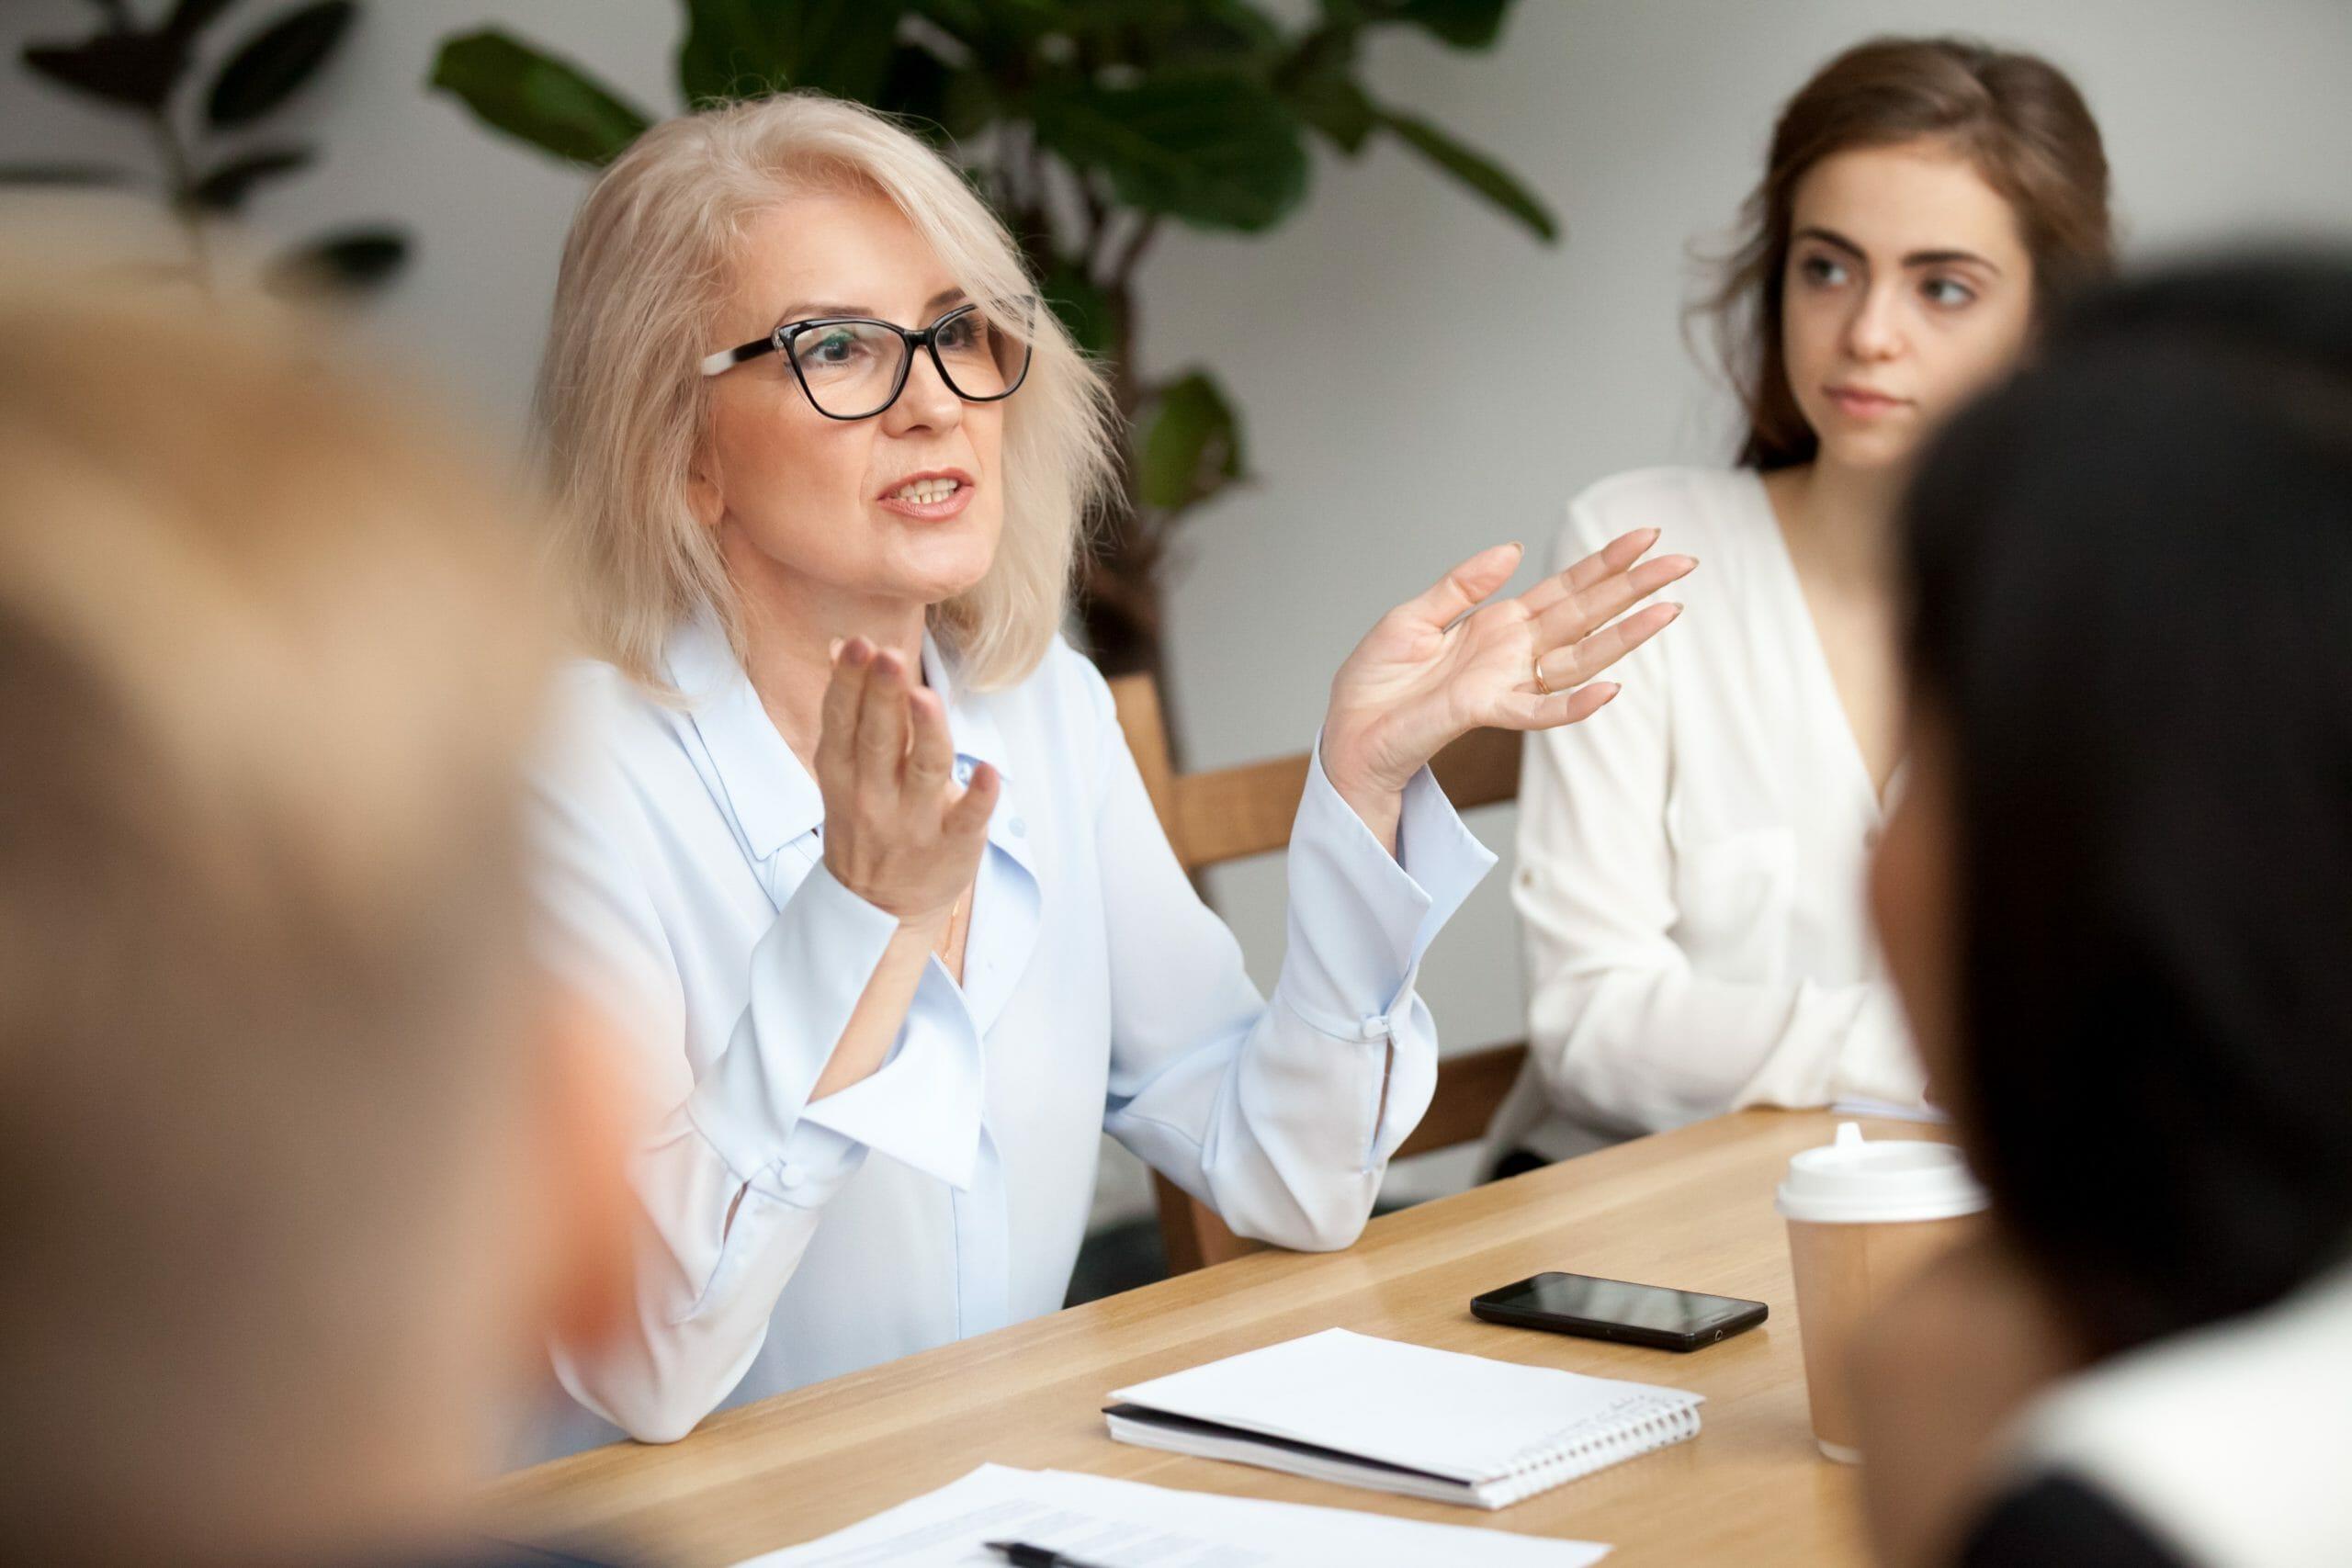 Andelen af kvindelige ledere fortsætter med at stige